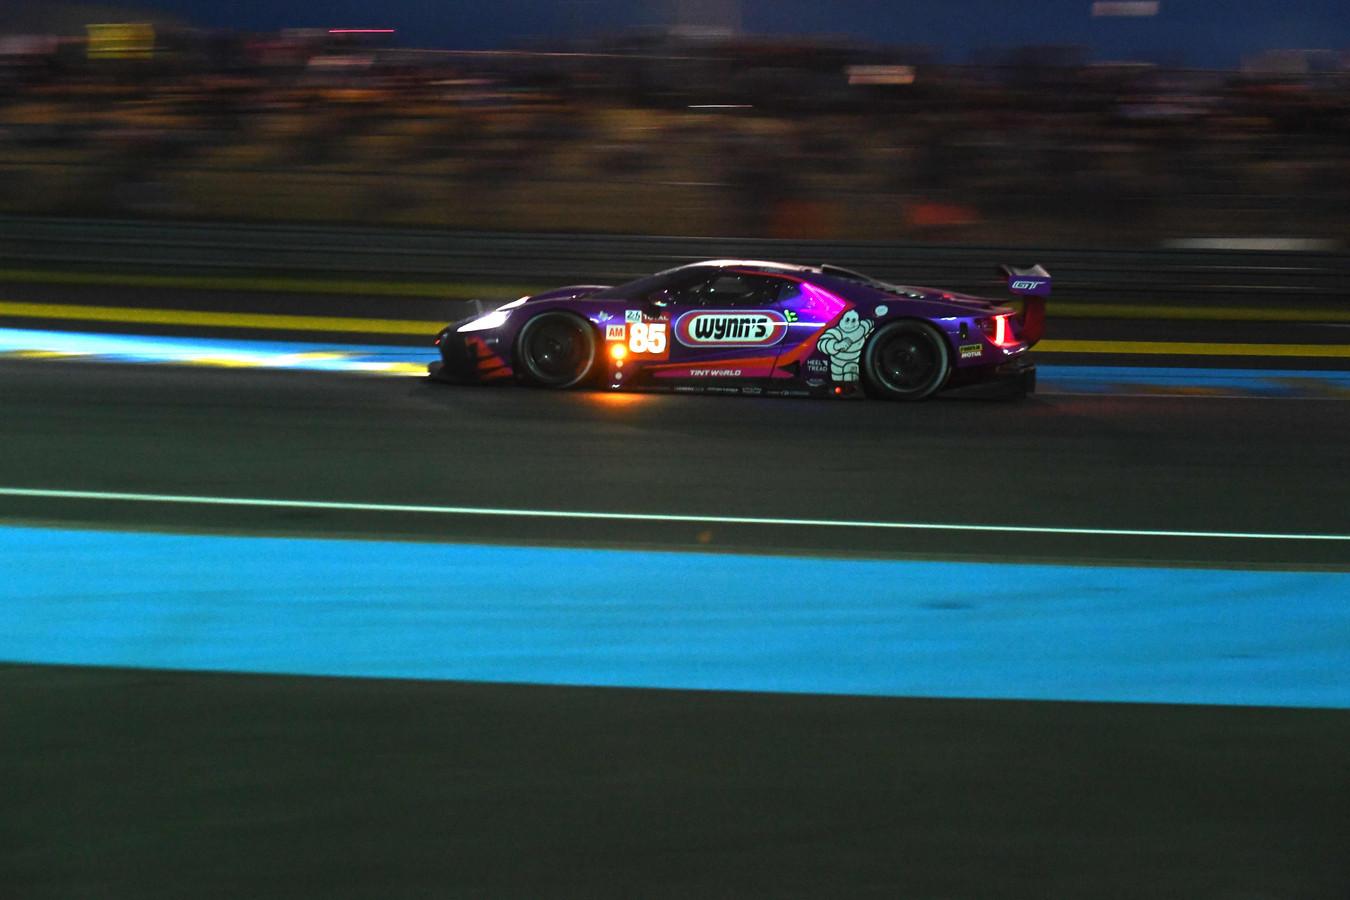 De Ferrari 488 GTE van Jeroen Bleekemolen tijdens de 24 Uur van Le Mans.